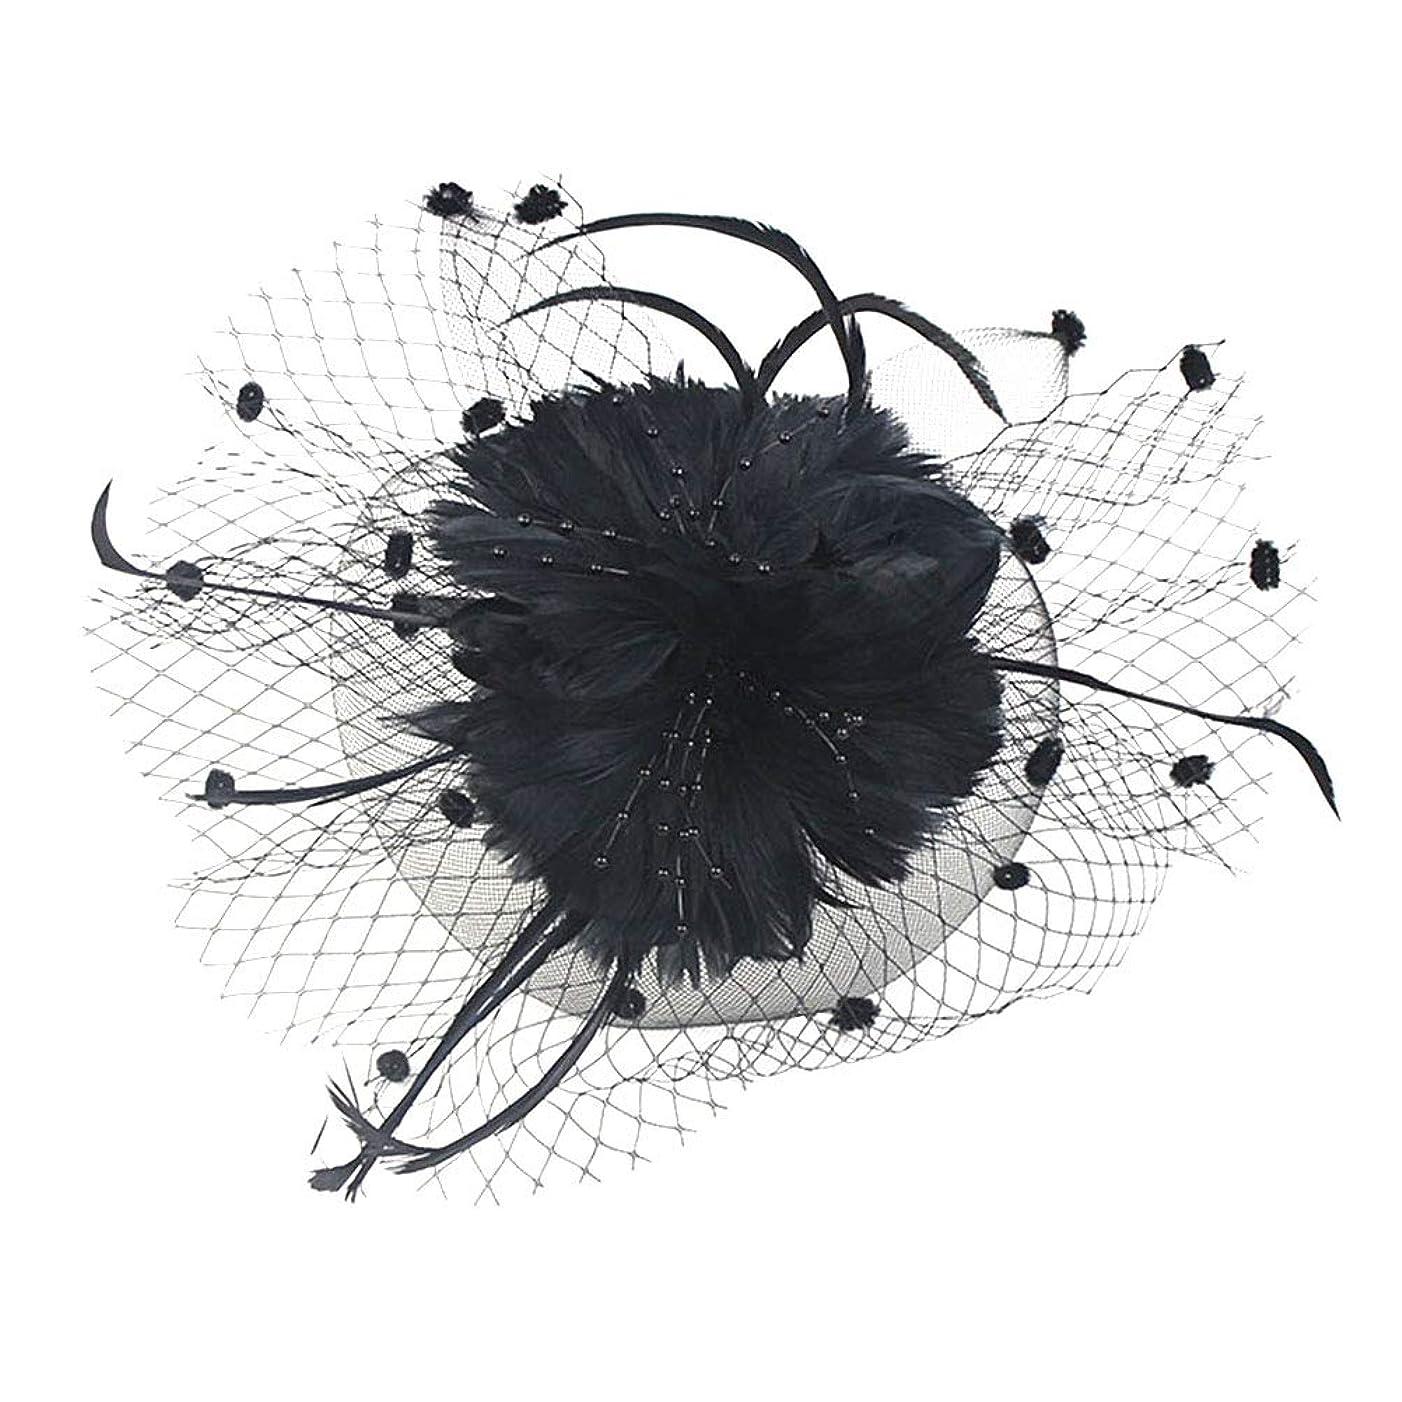 本異邦人ブランデーBeaupretty魅惑的な帽子羽メッシュネットベールパーティー帽子ピルボックス帽子羽の魅惑的なキャップレディース結婚式宴会カクテルパーティー(黒)